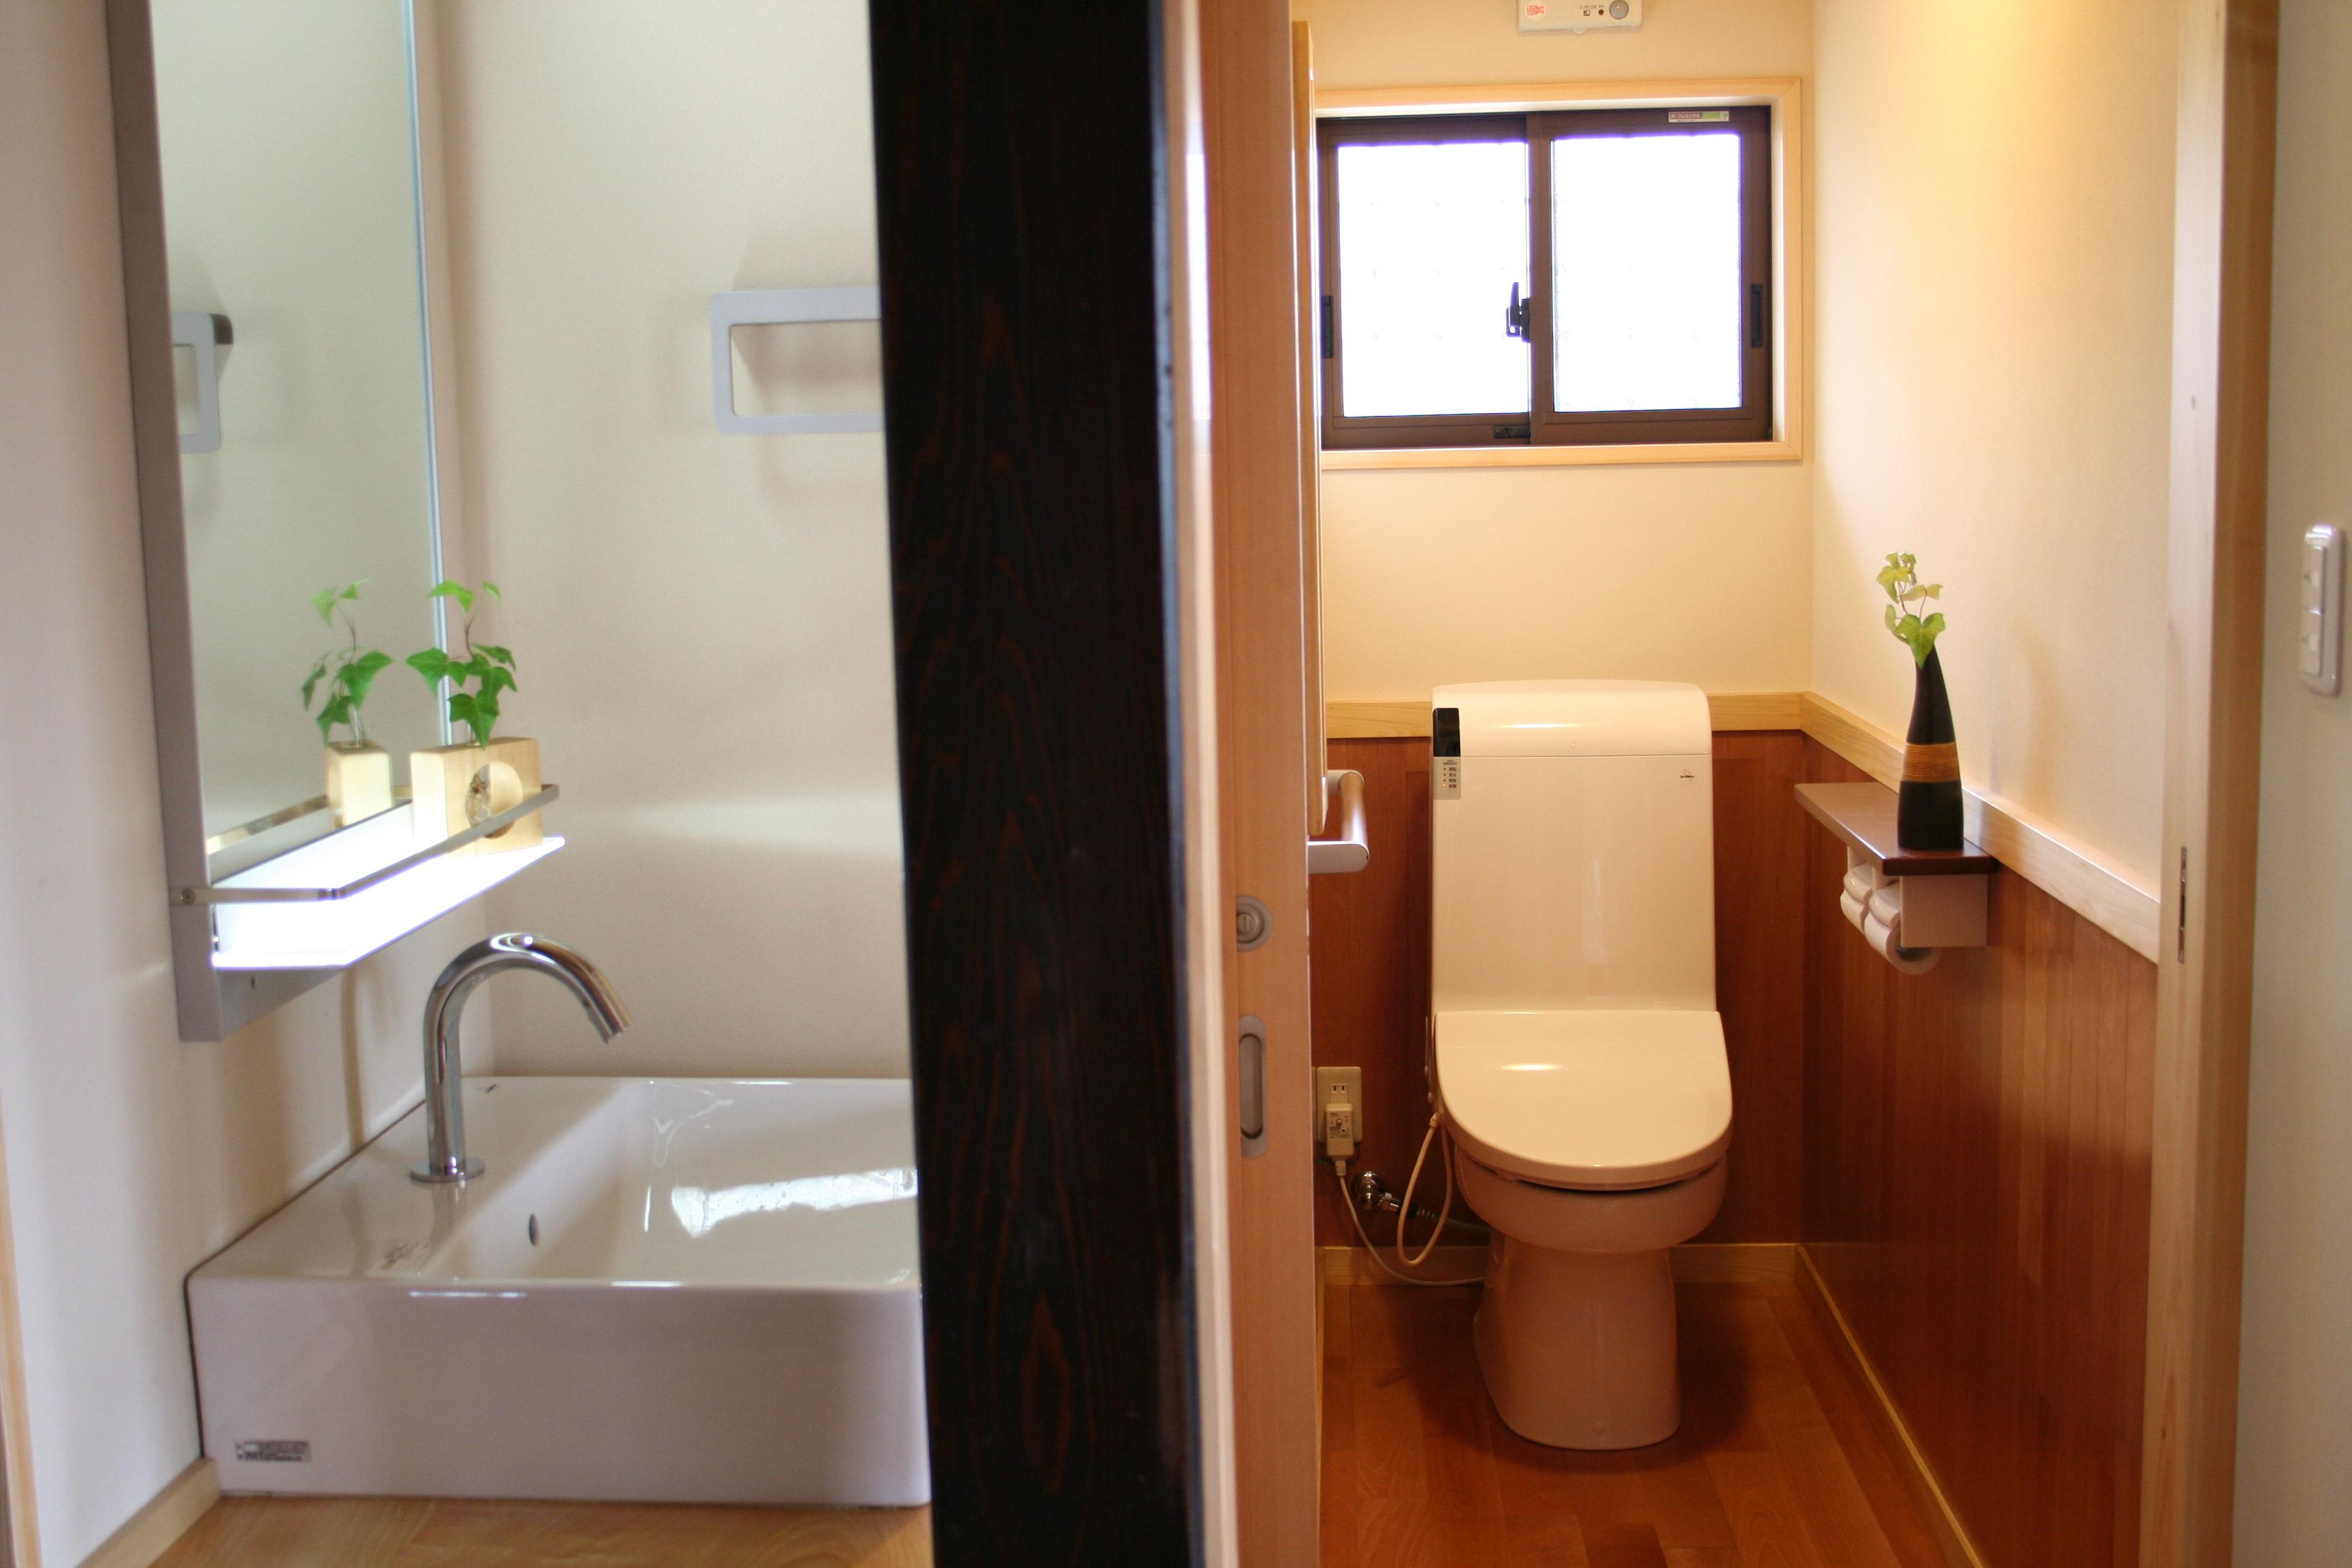 水回り(トイレ・手洗い場)